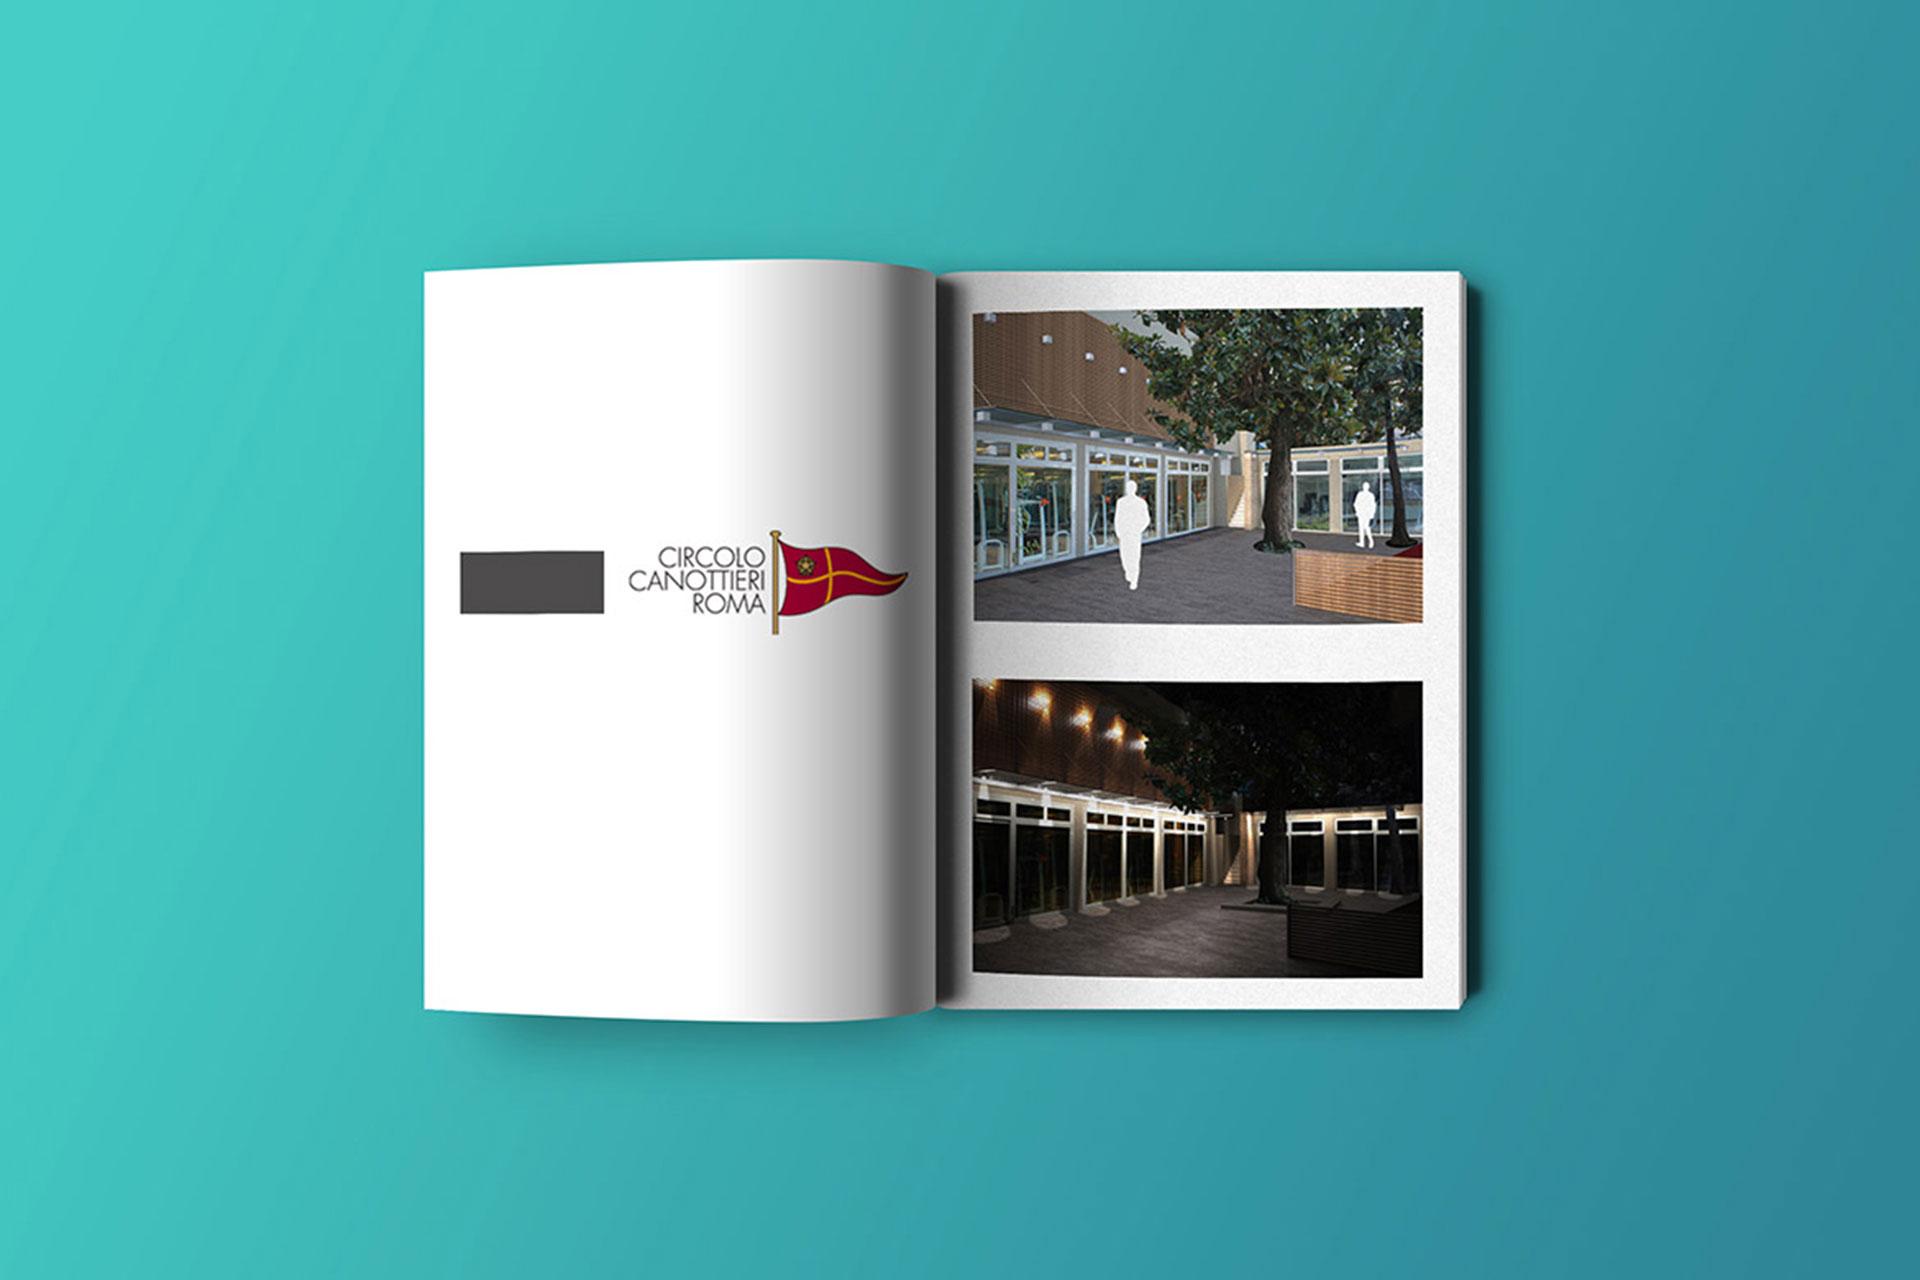 circolo-canottieri-rendering-fotoinserimenti-progetto